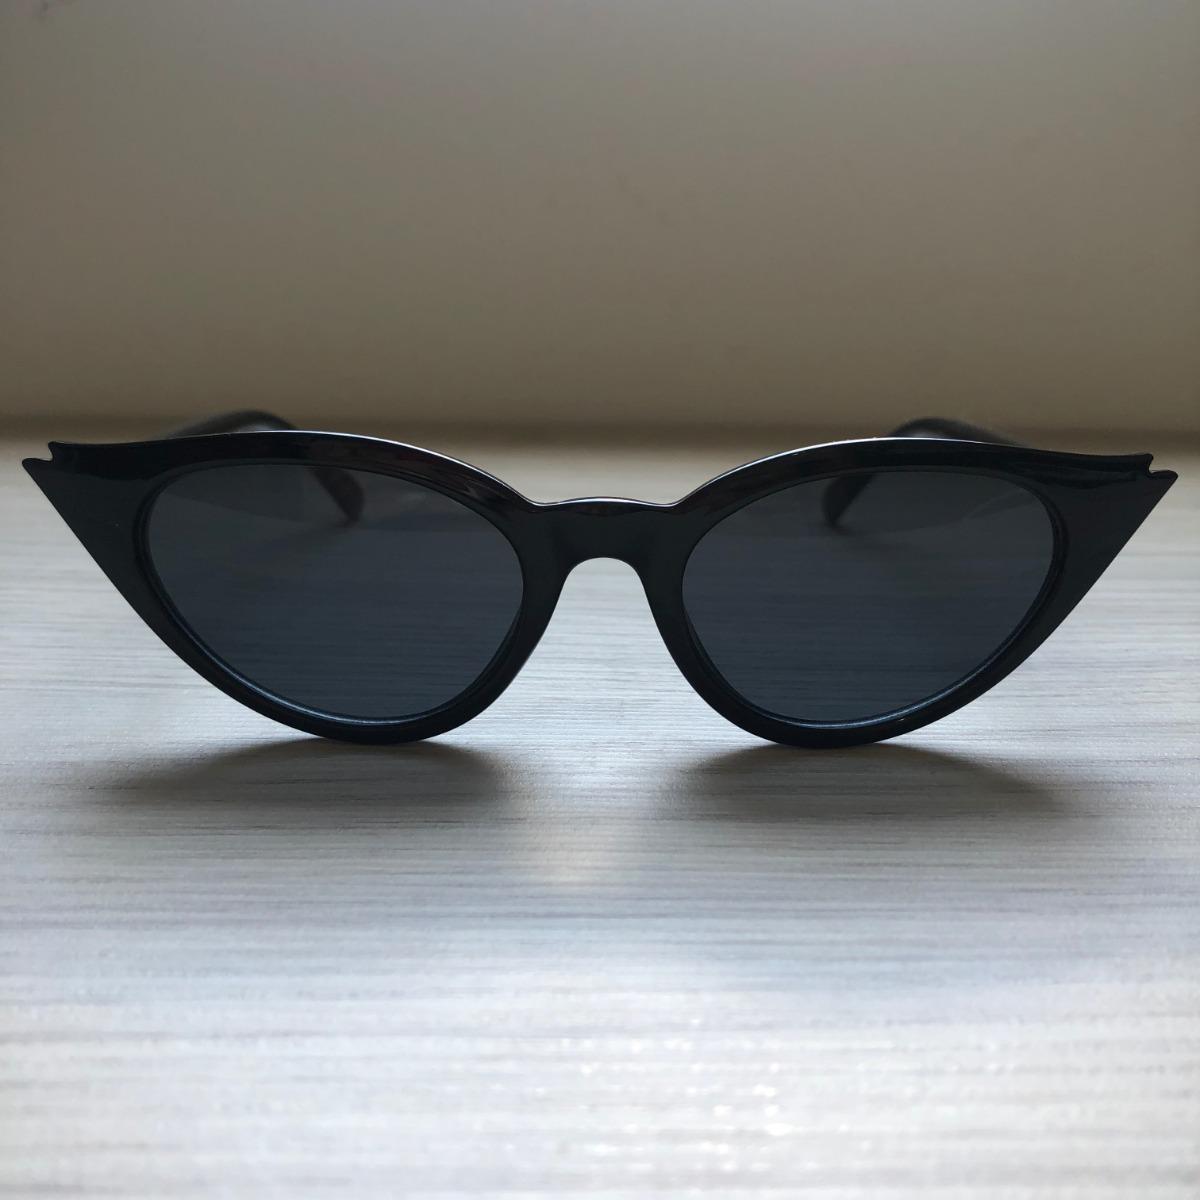 f62b5bb6fe241 óculos de sol feminino retro gatinho preto proteção uv400. Carregando zoom.